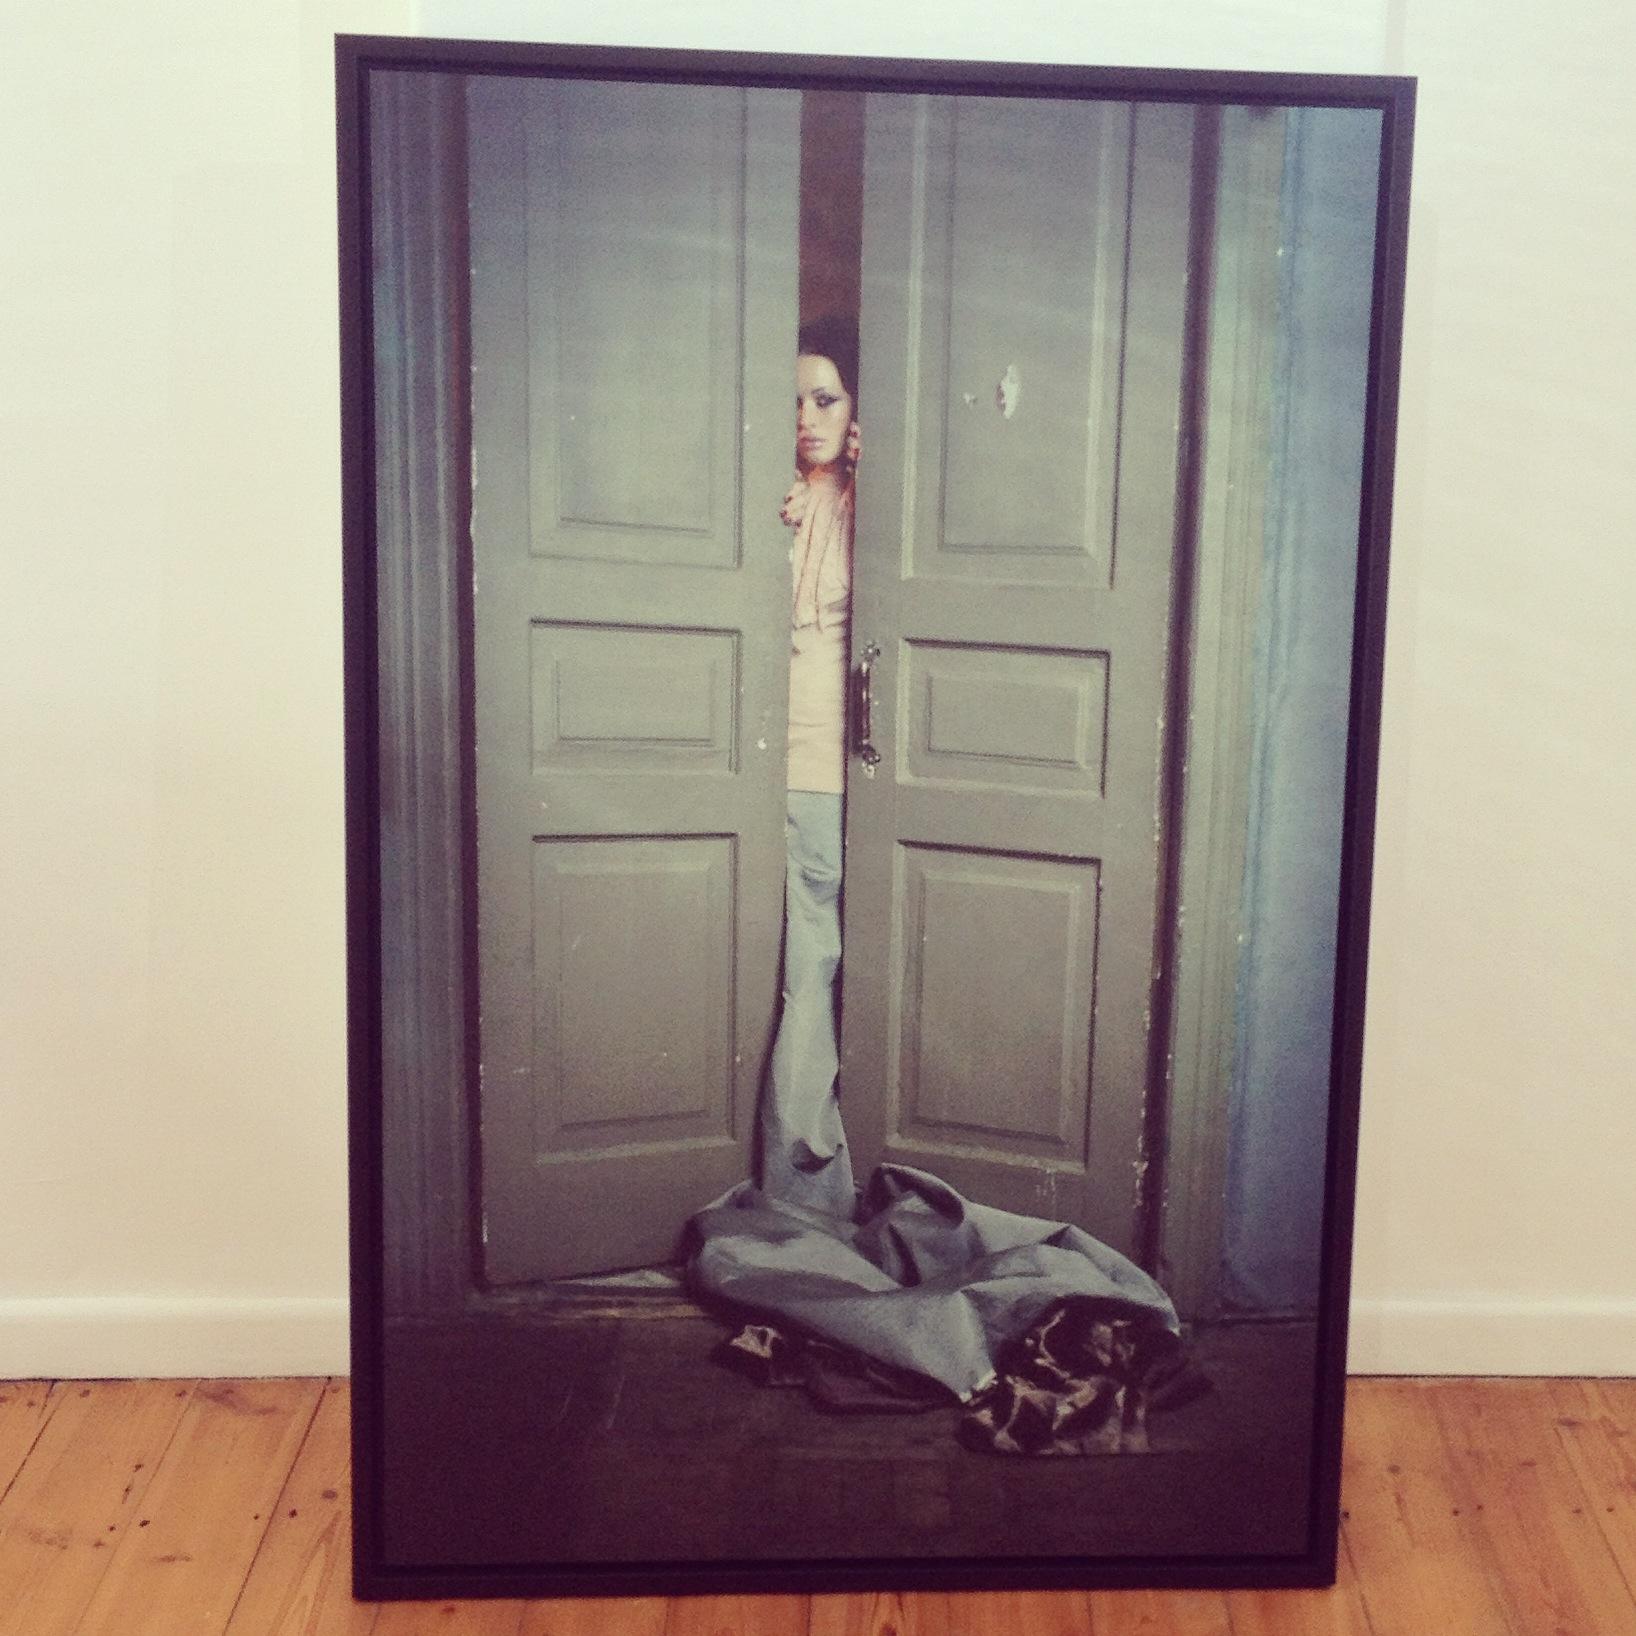 Women in doorway framed canvas